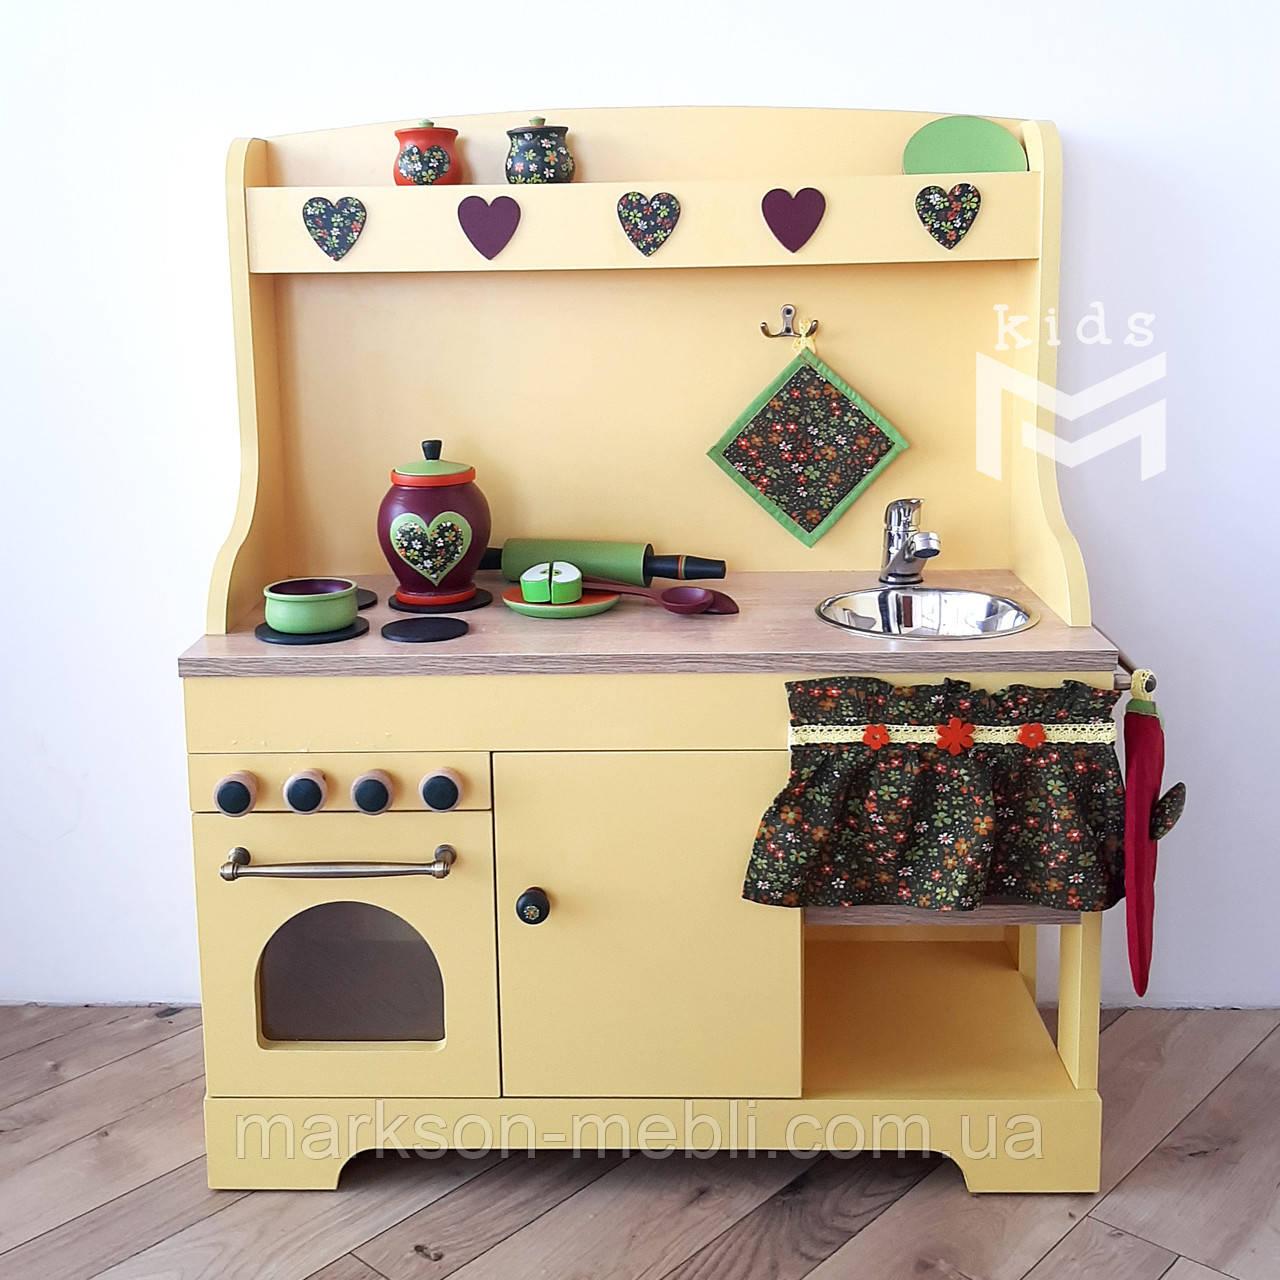 Дитяча кухня з набором посуду - Жовта